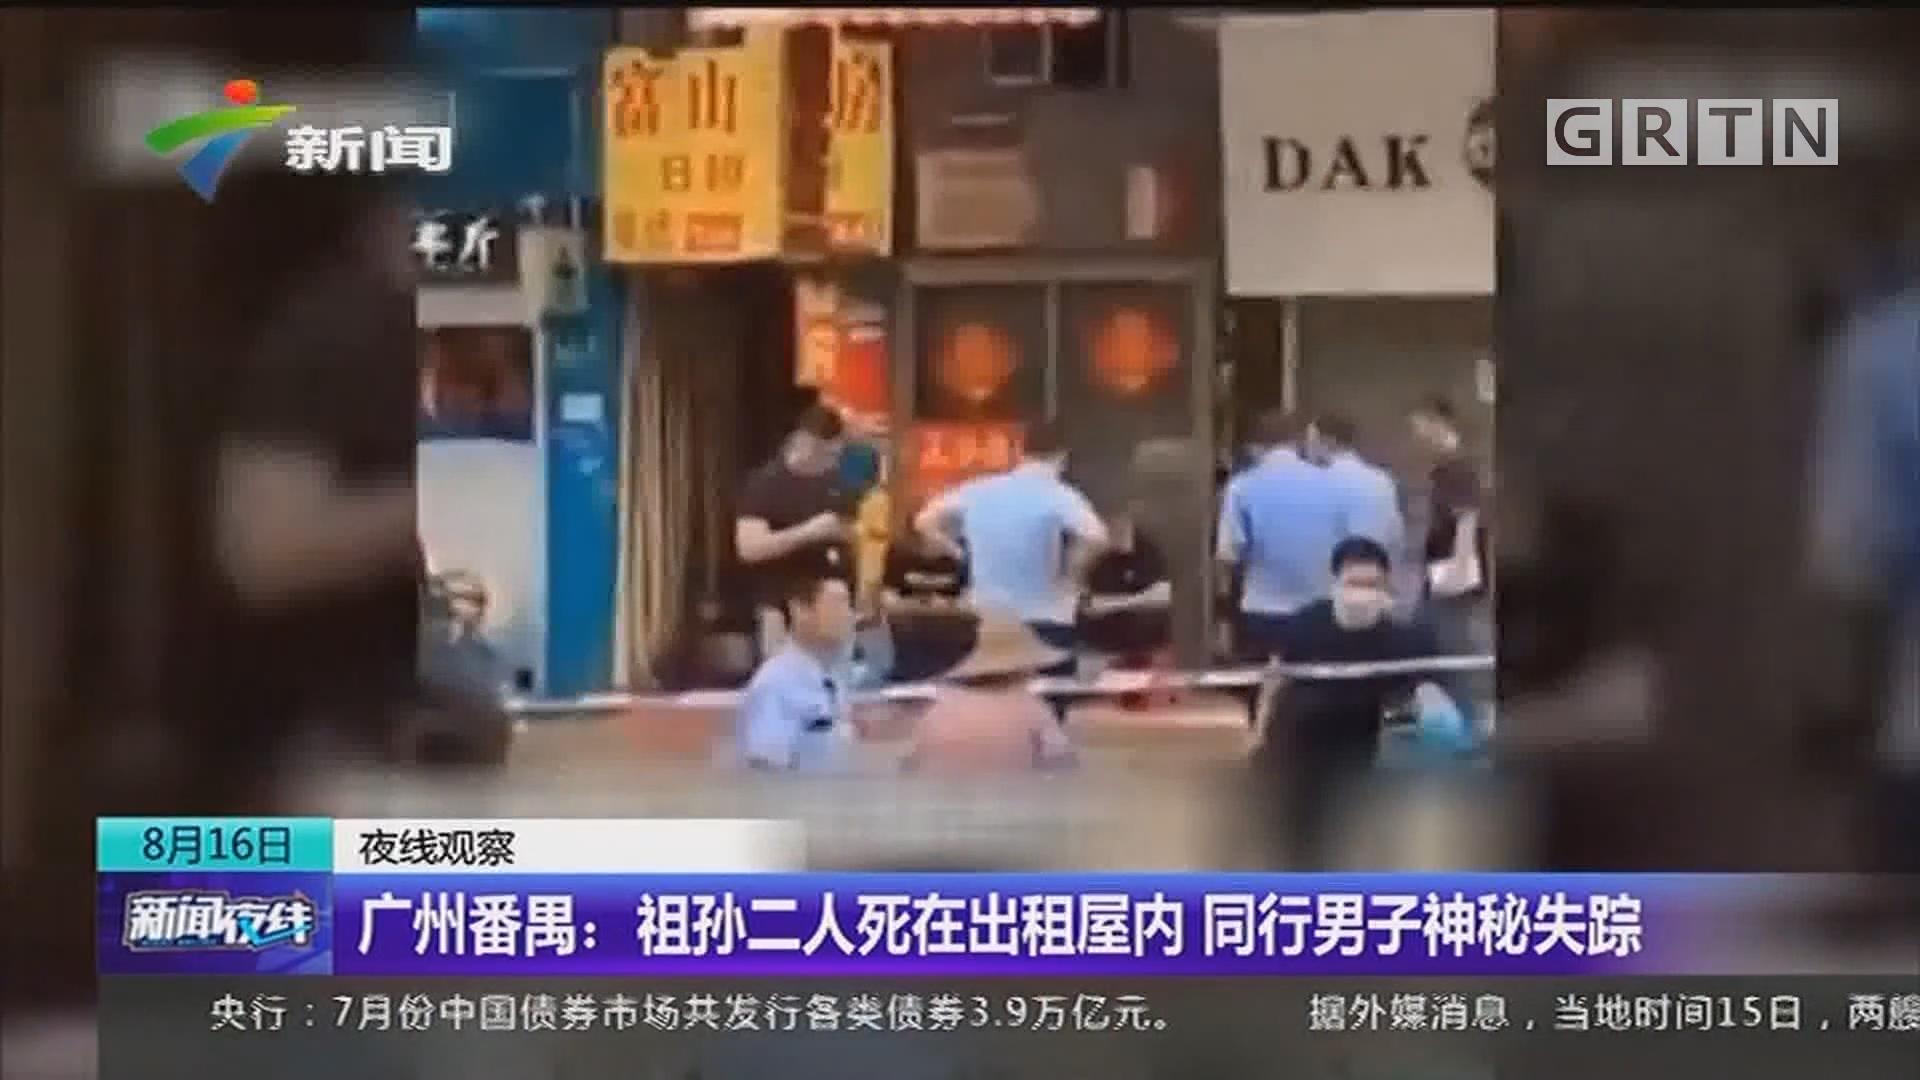 广州番禺:祖孙二人死在出租屋内 同行男子神秘失踪